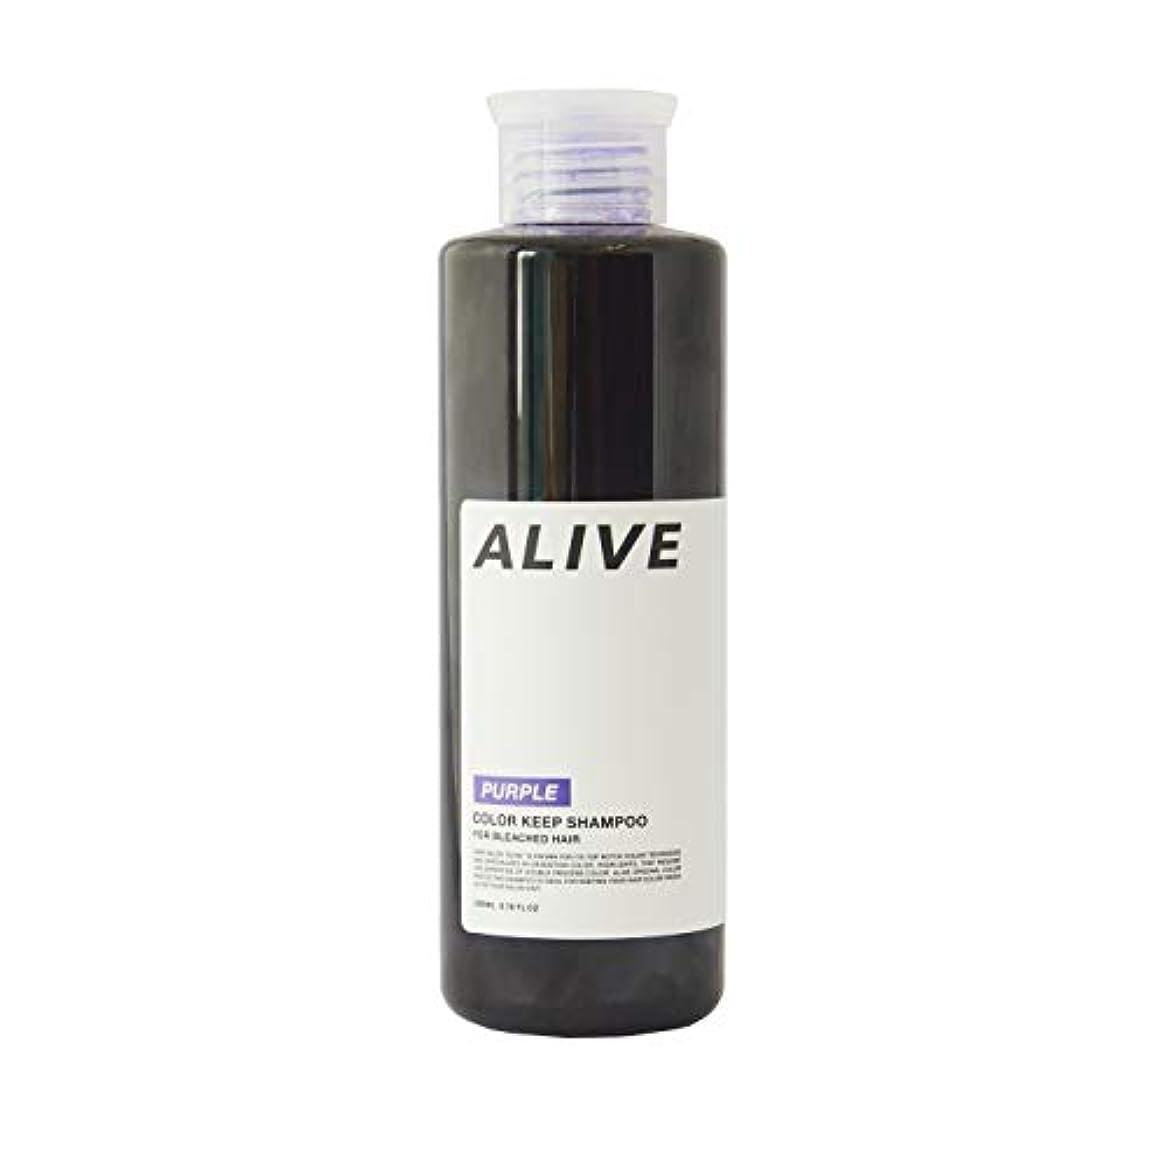 今までグレー熟すALIVE アライブ カラーシャンプー 極濃 紫シャンプー 200ml ムラサキ パープル ムラシャン ムラサキシャンプー